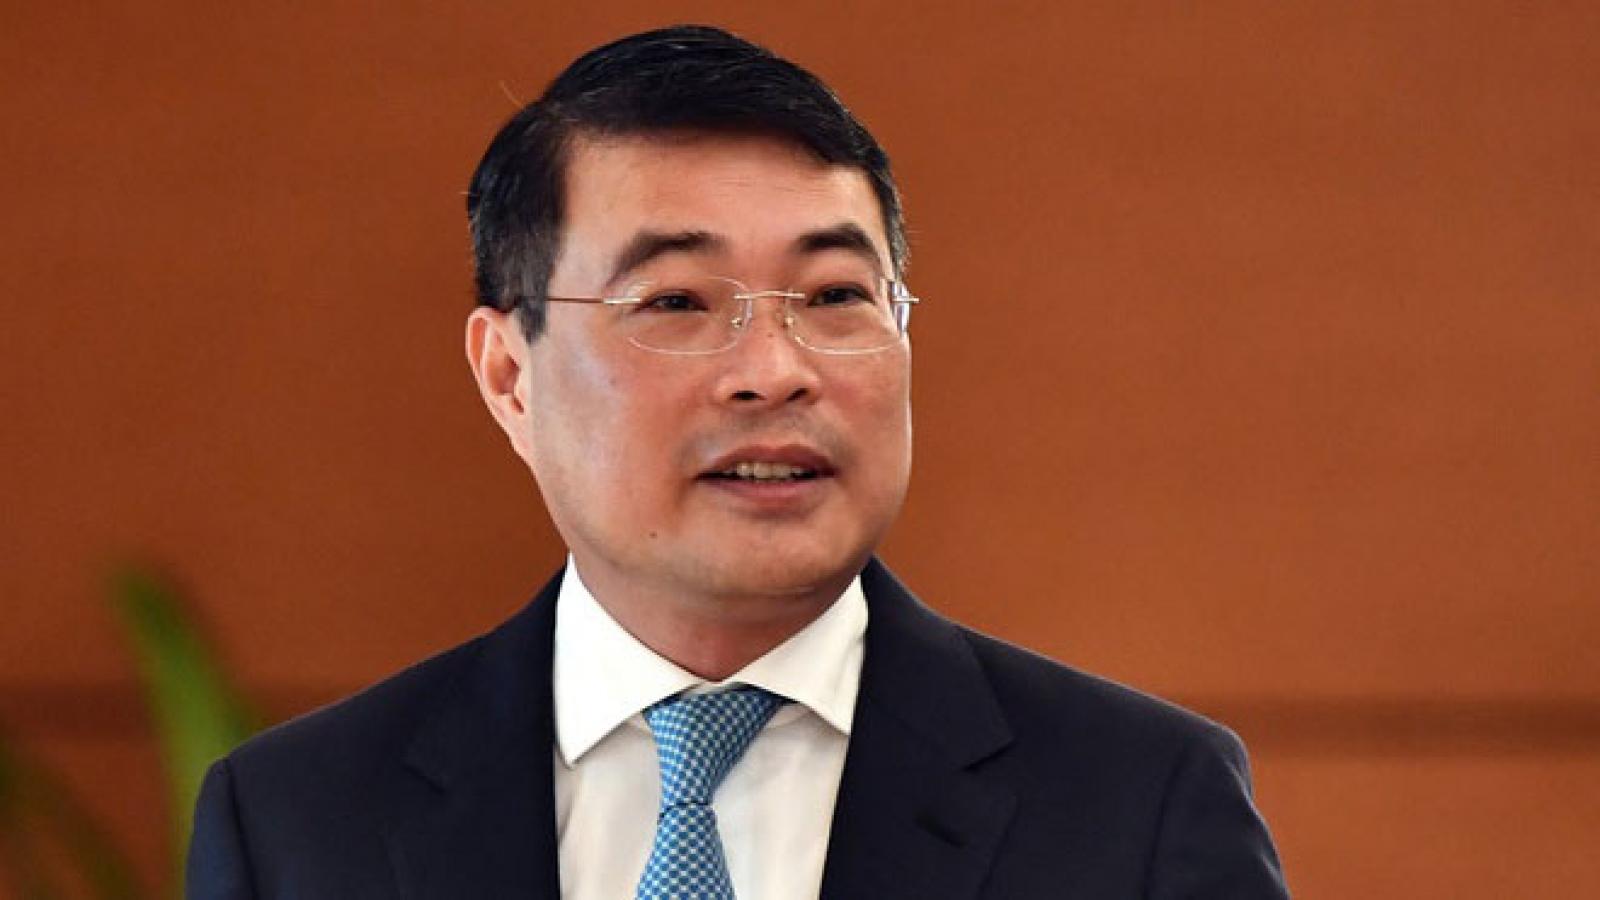 Thống đốc Ngân hàng Nhà nước Việt Nam giữ chức Chánh Văn phòng Trung ương Đảng